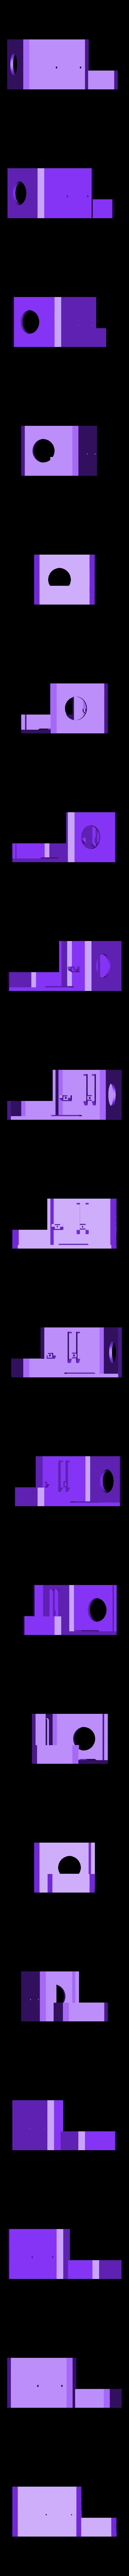 capot_neutre.STL Download free STL file Direct Drive- E3DV6- Bondtech (right)-Bltouch • 3D printer template, kim_razor